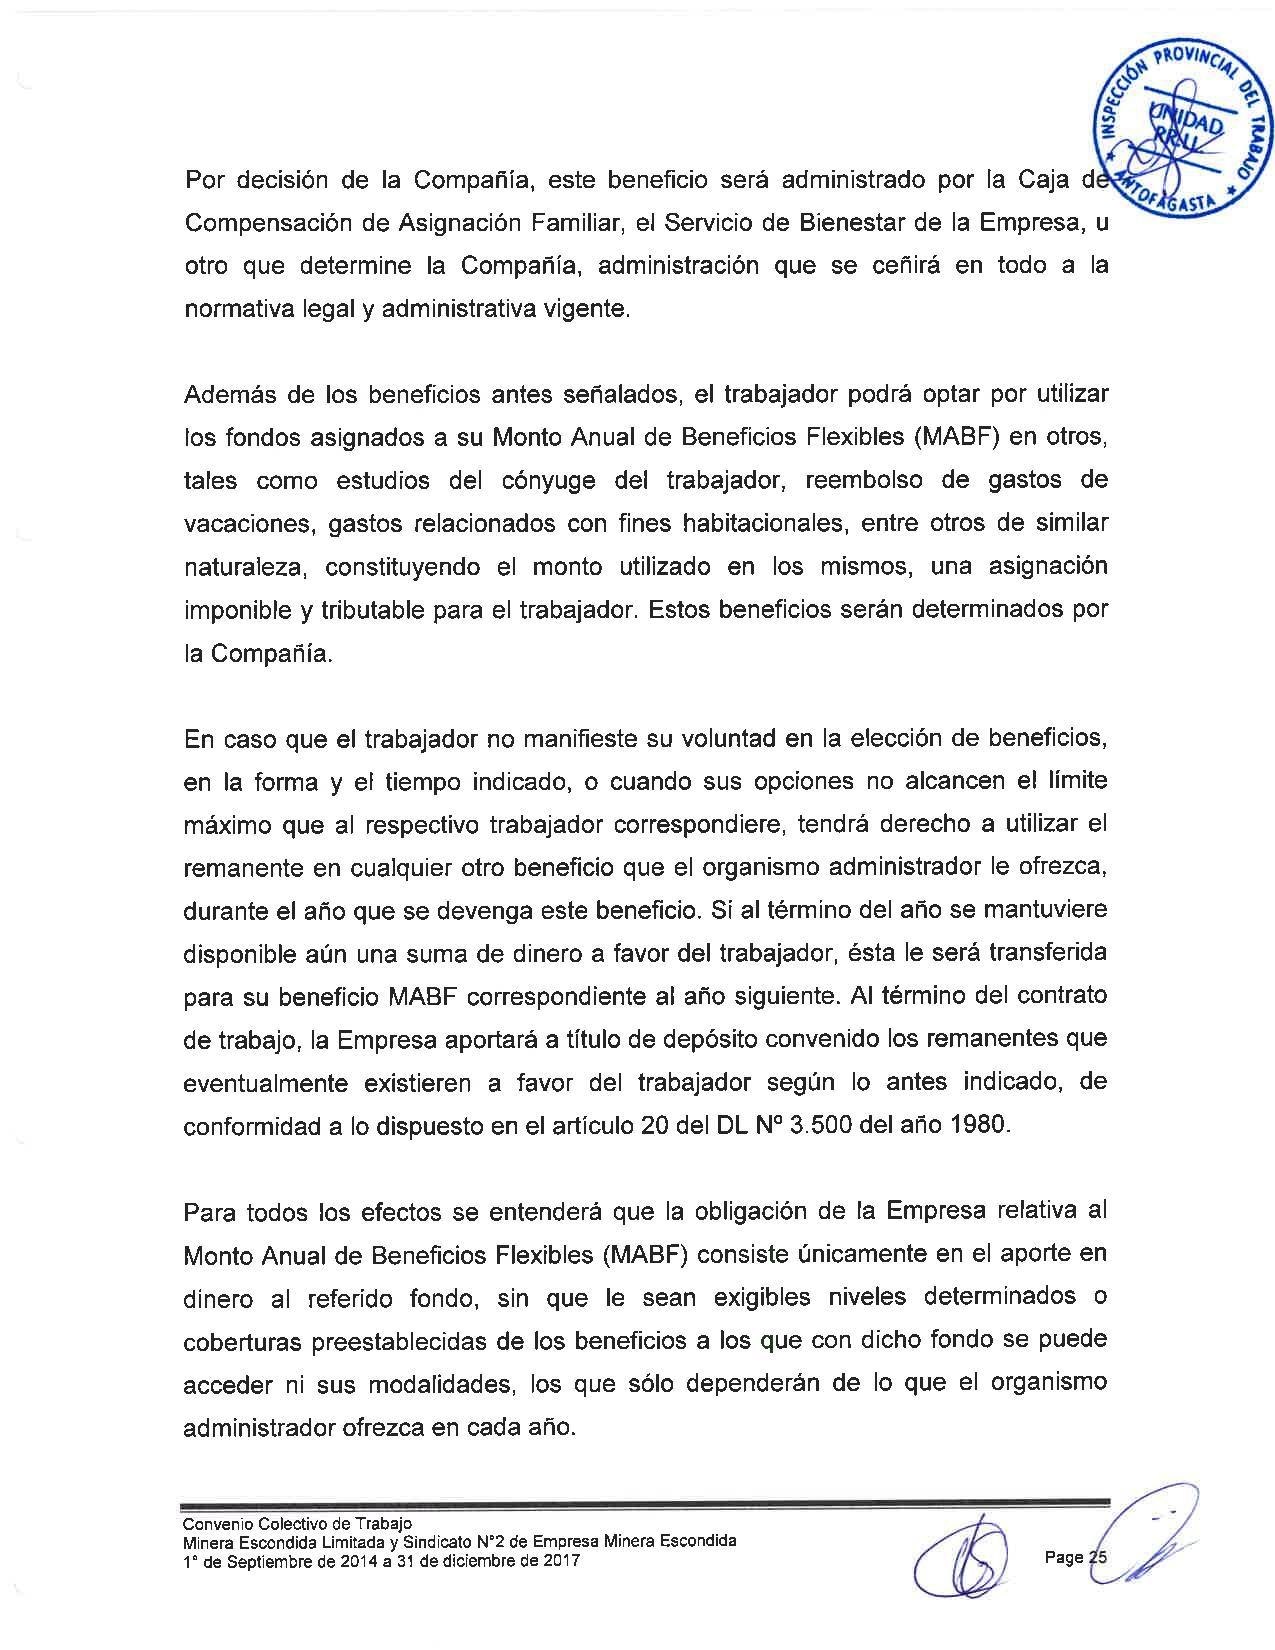 Página (25).jpg